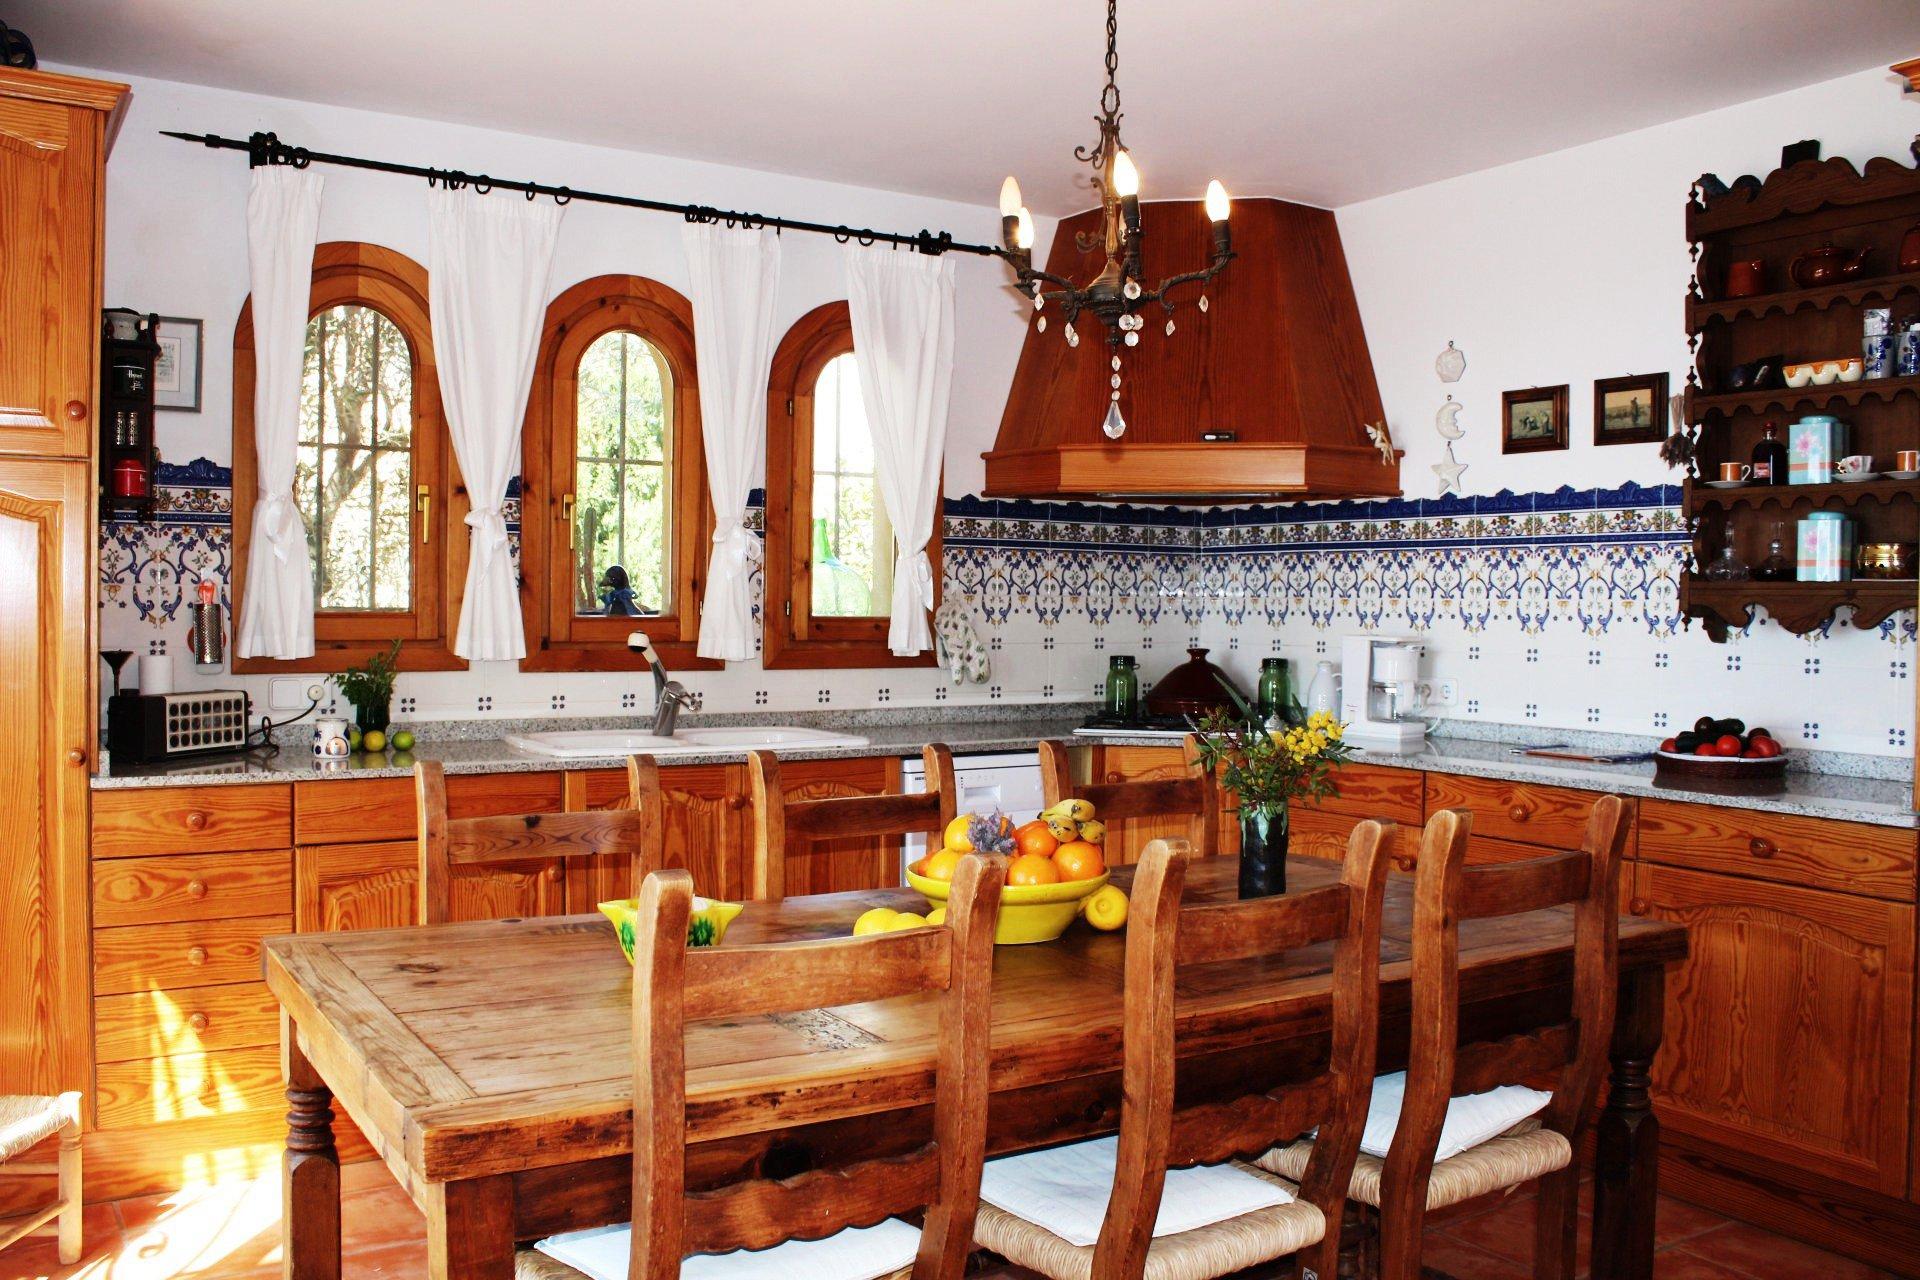 Chandelier, kitchen bar